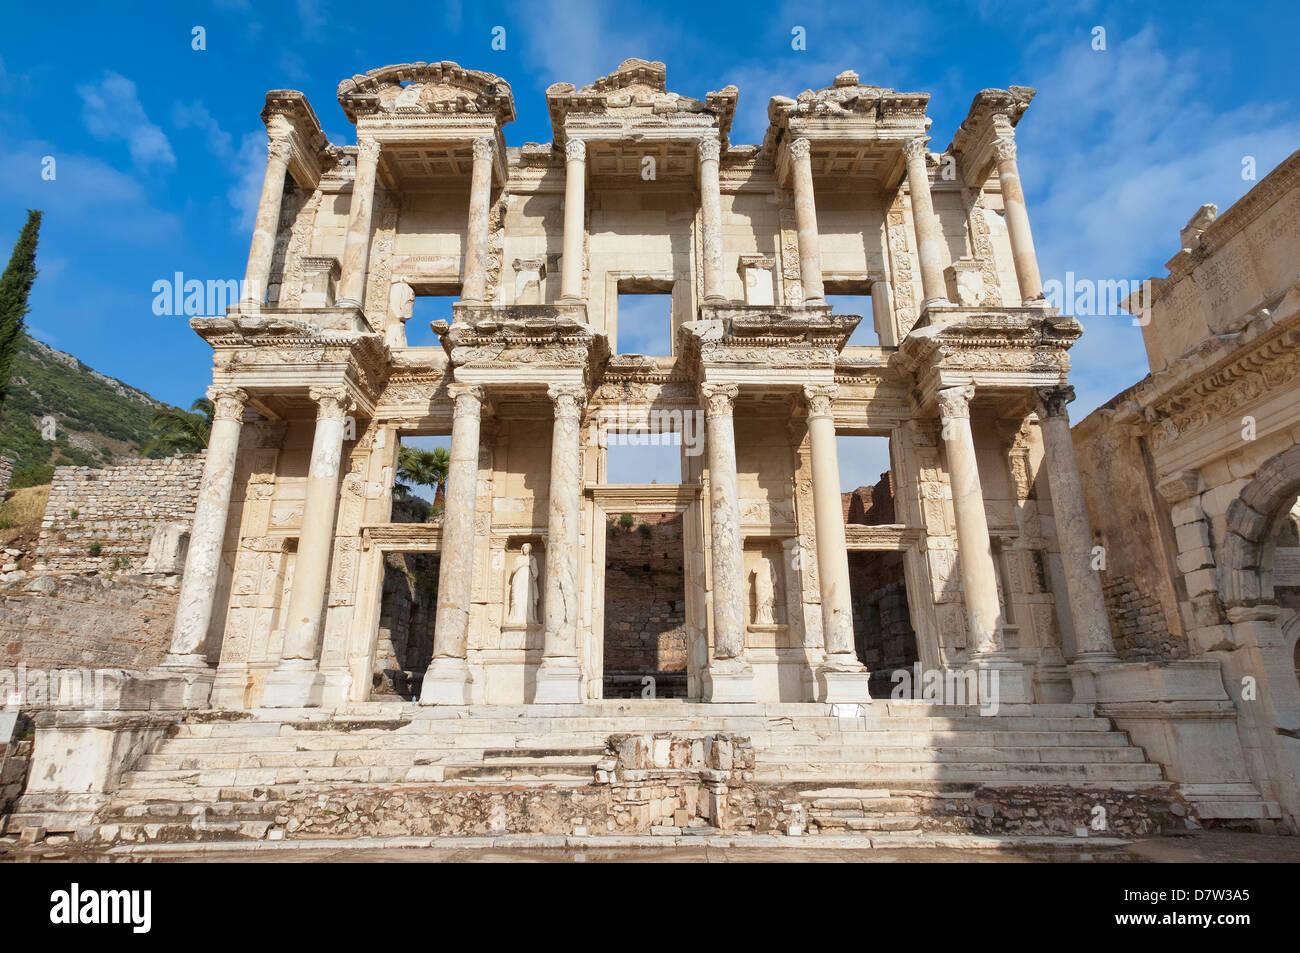 La Biblioteca de Celso, Éfeso, Esmirna, provincia de Anatolia, Turquía Minor Imagen De Stock